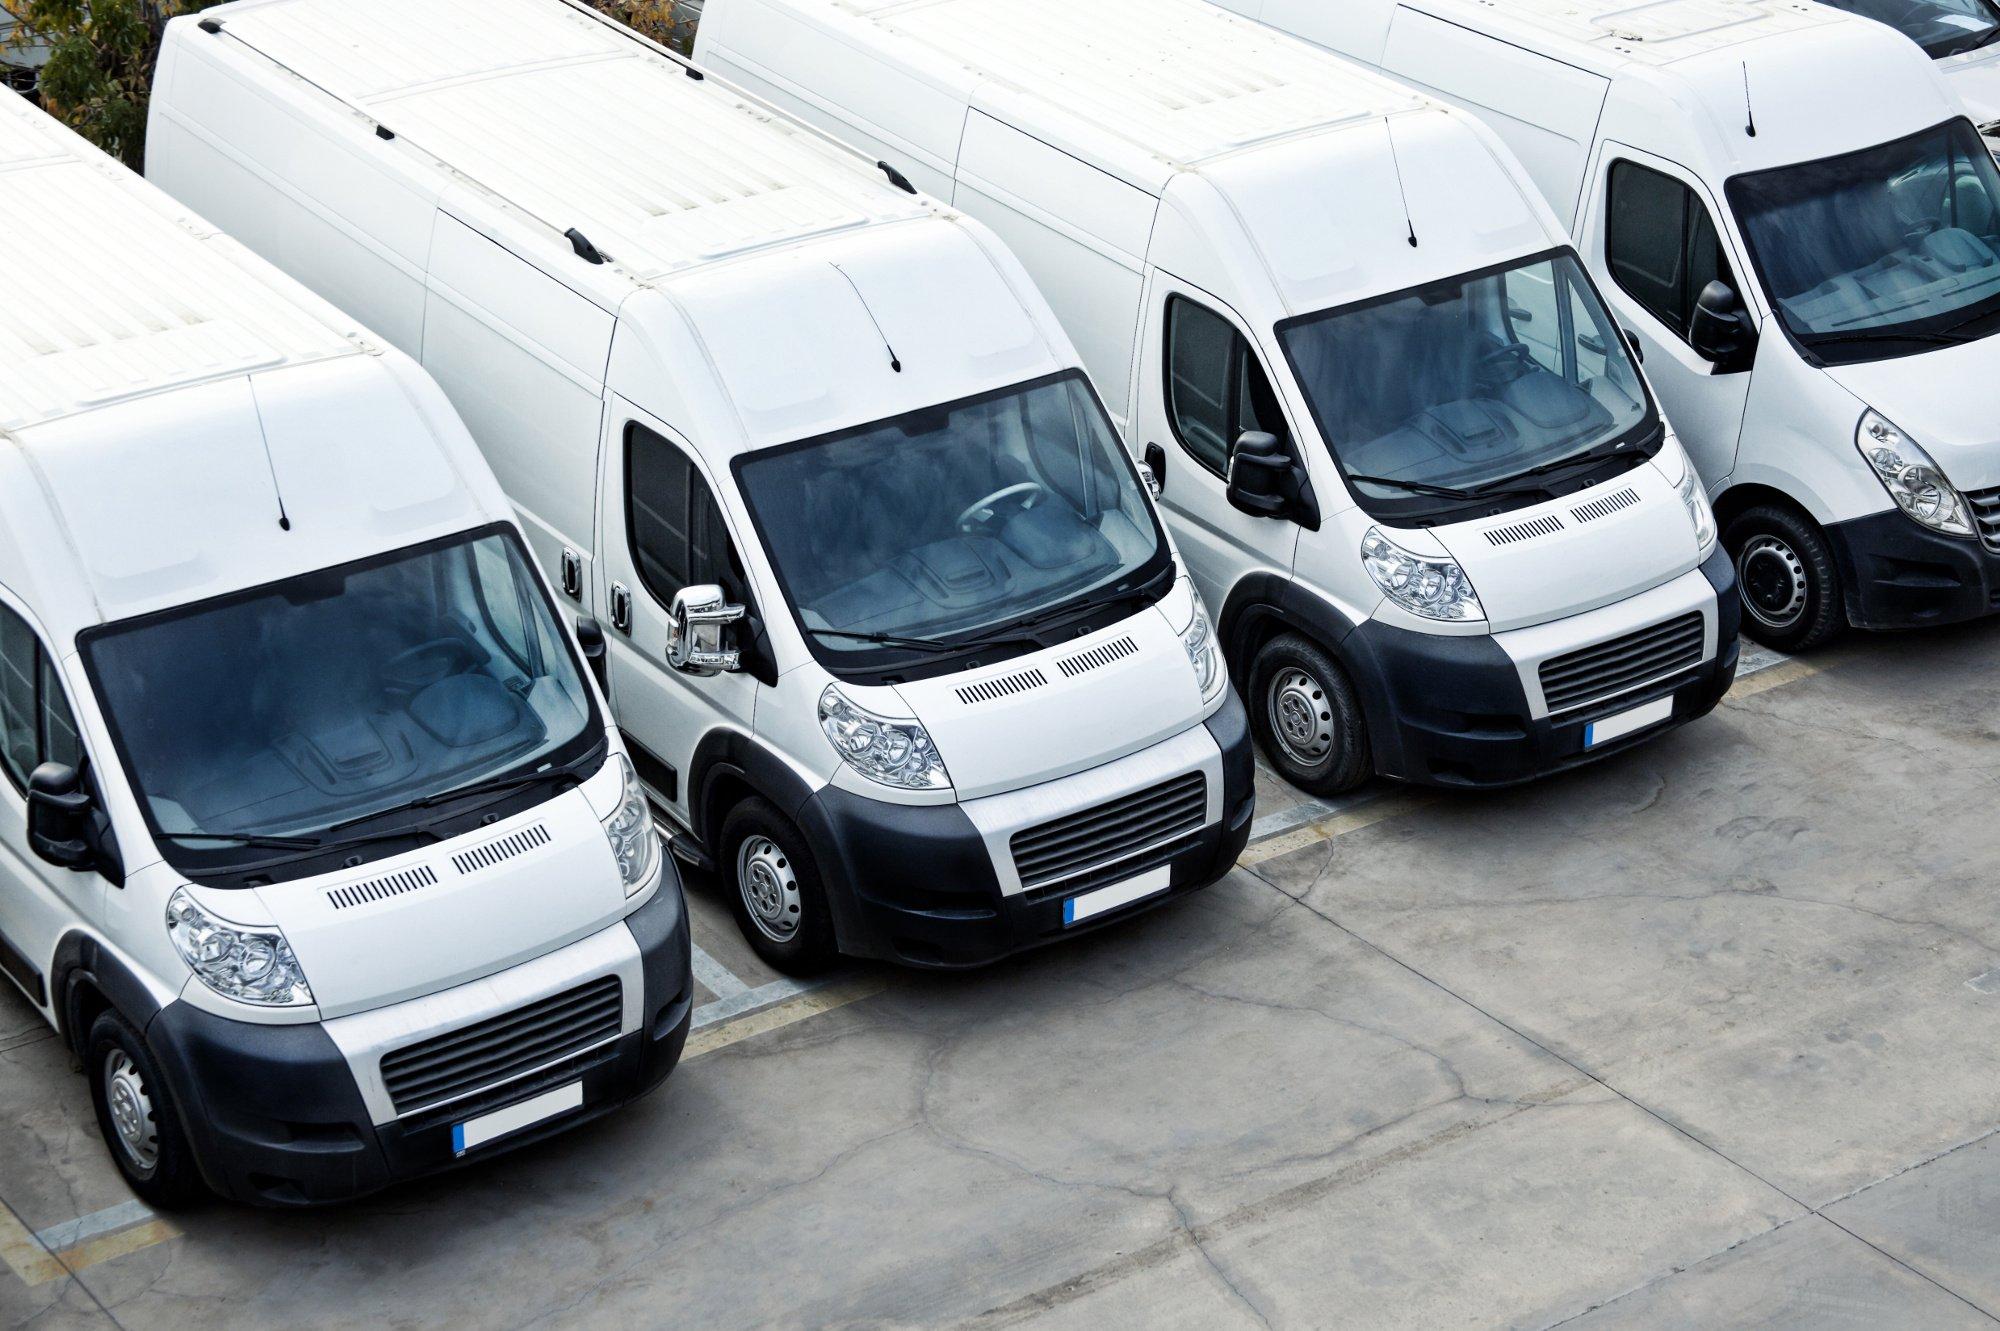 fleet-of-vans-blank